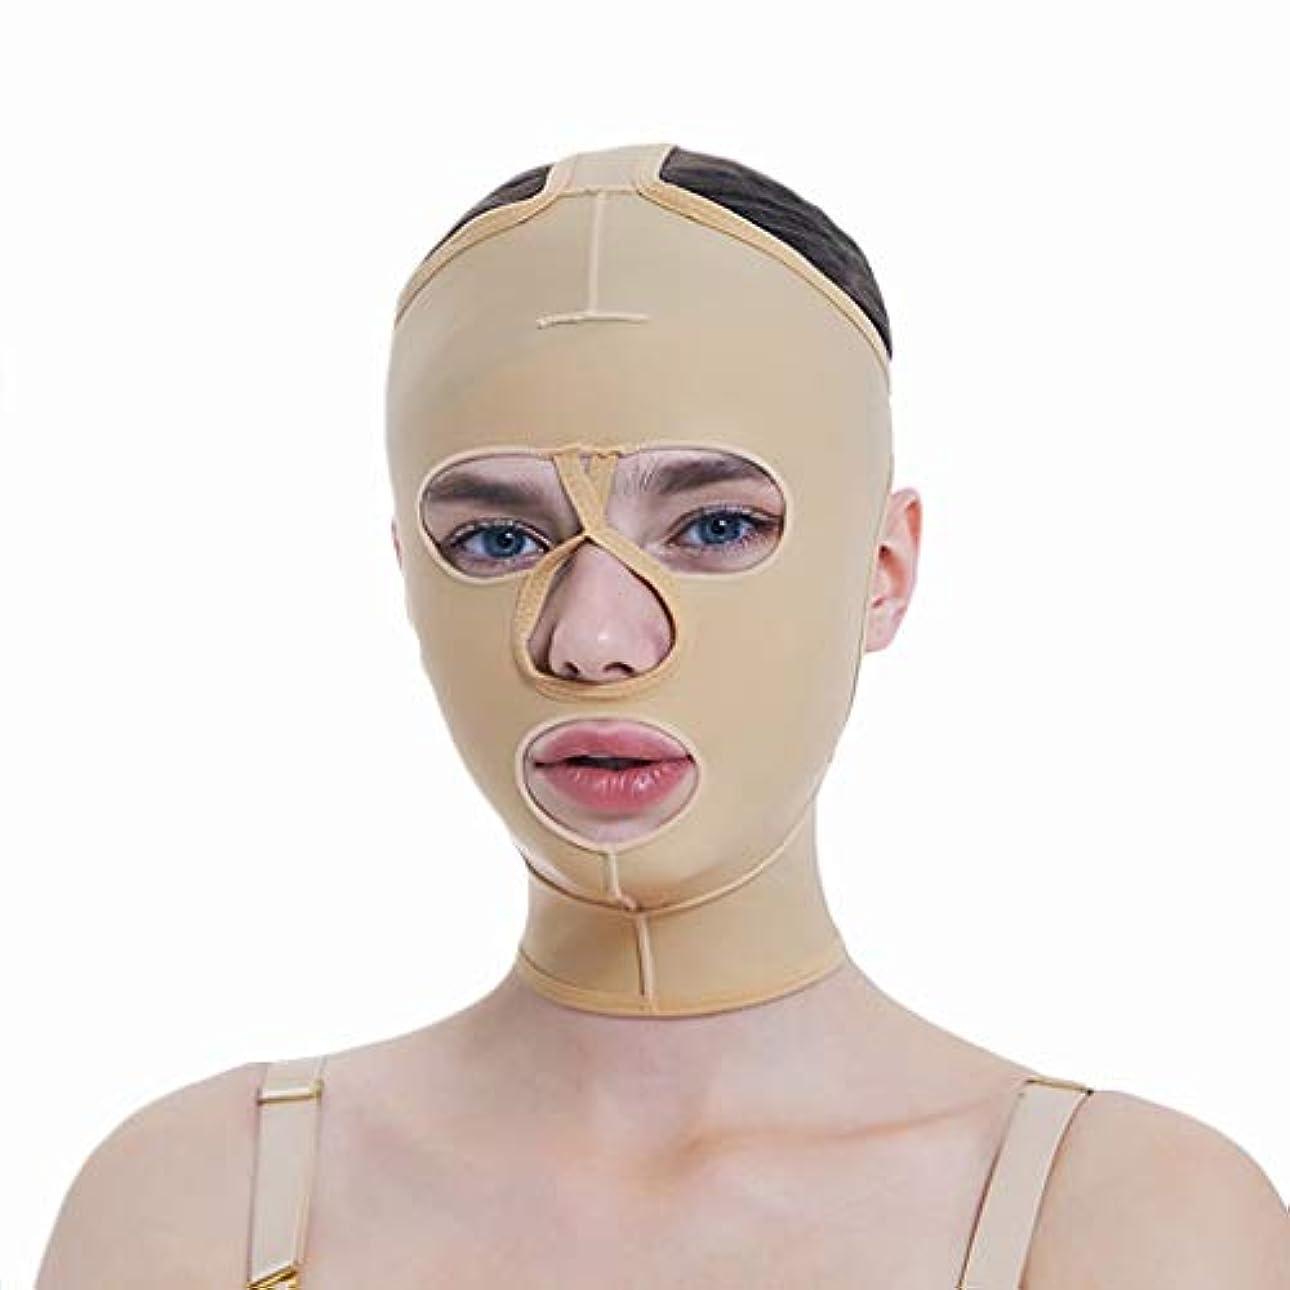 を除く南東グリットXHLMRMJ 顔の減量マスク、フルカバレッジ包帯、フルフェイスリフティングマスク、フェイスマスク、快適で通気性、リフティングシェーピング (Size : M)